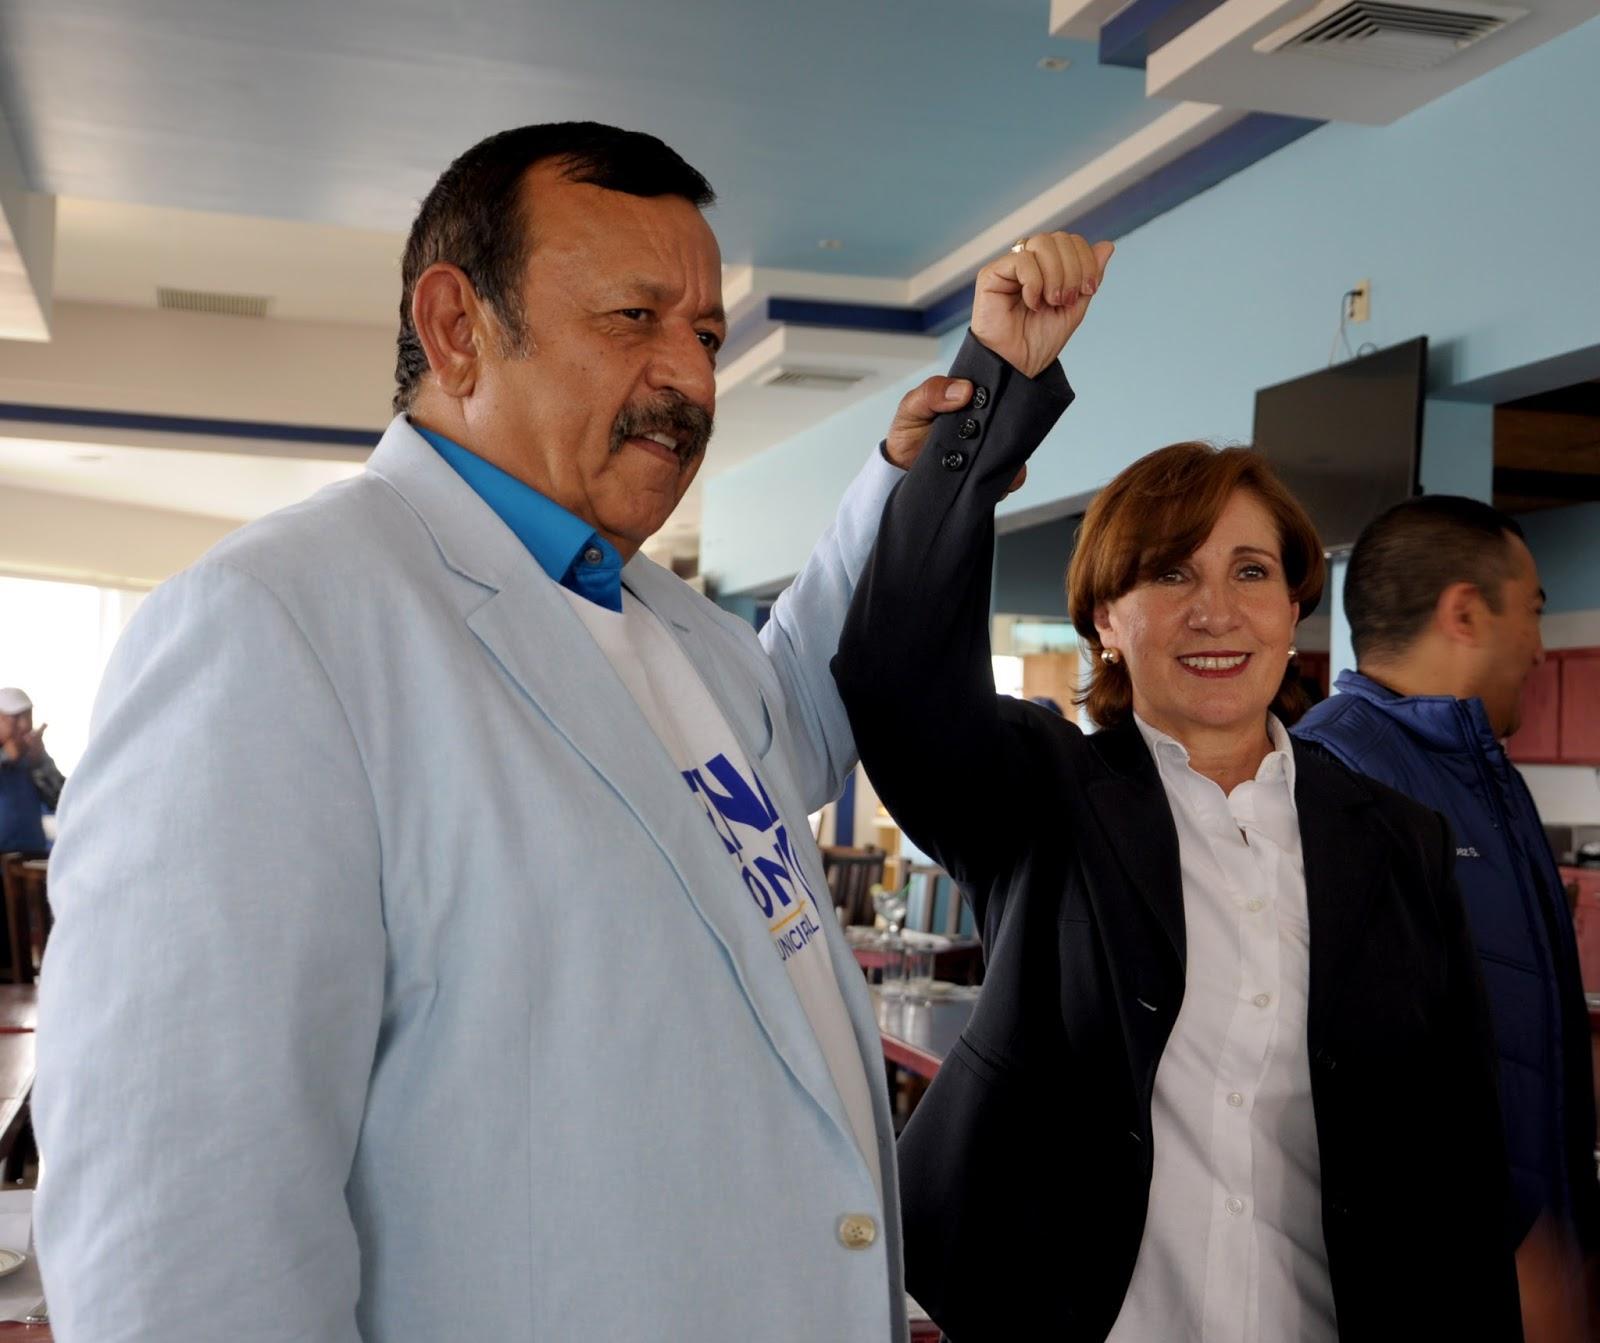 Rosarito en la noticia candidato del partido for Ta 2s 0138